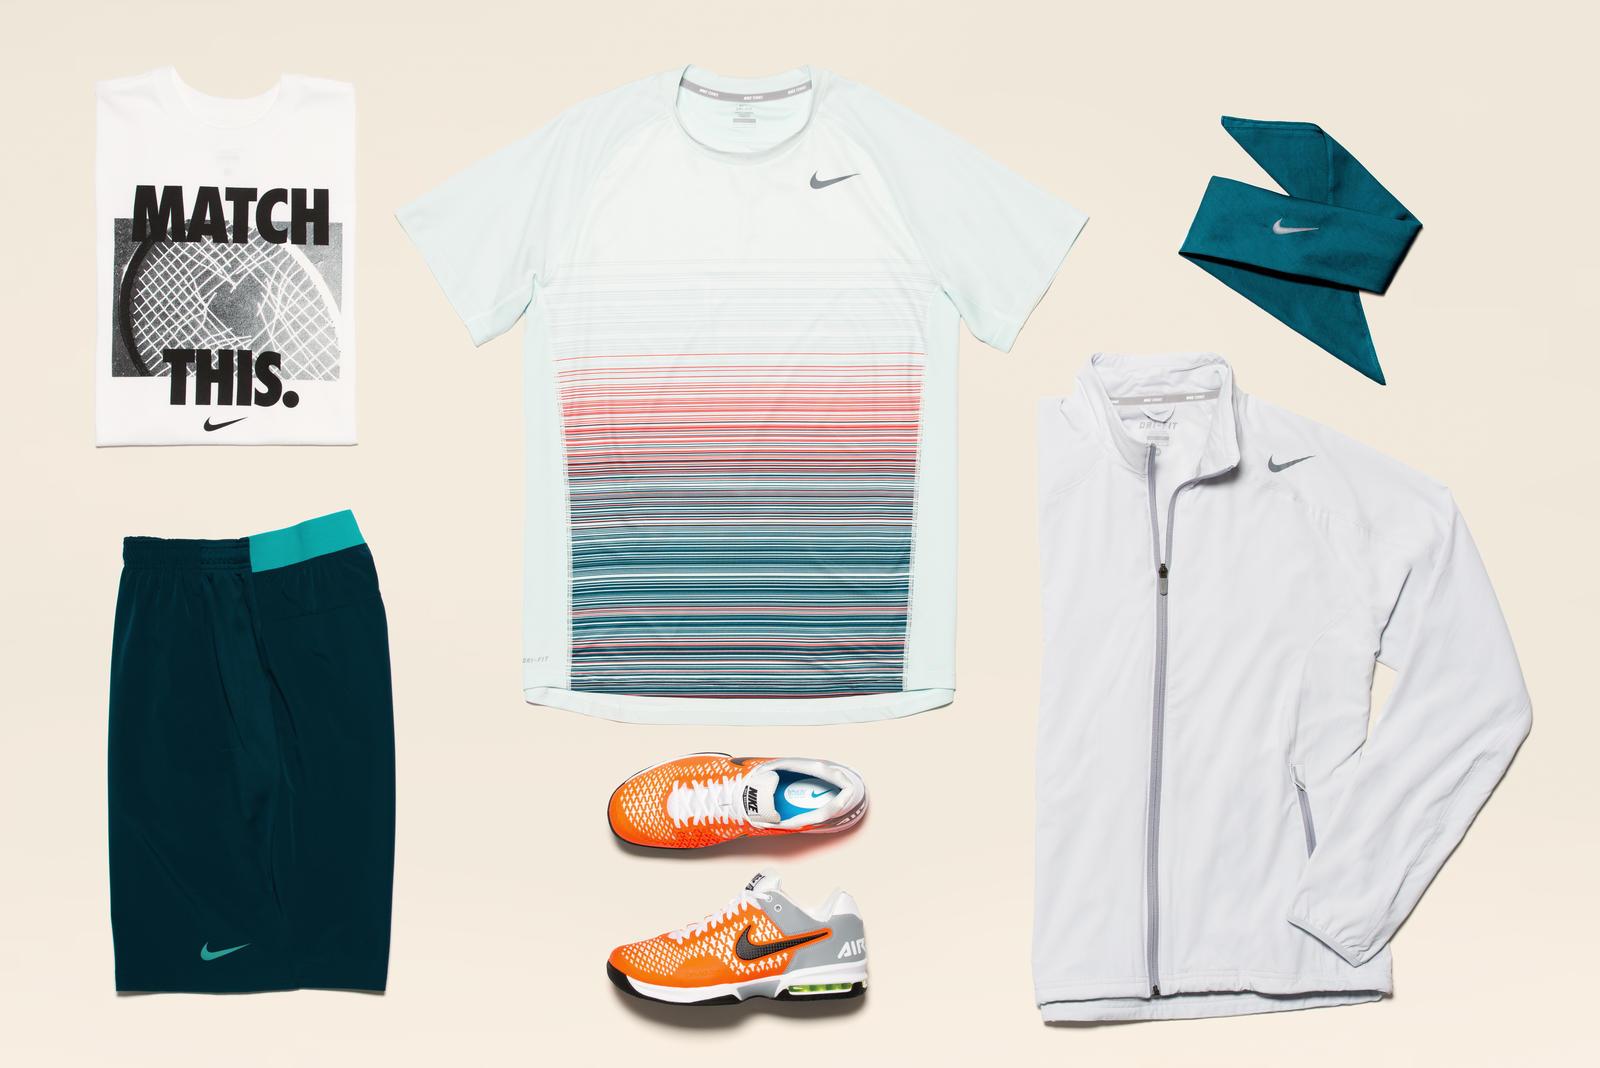 Nike Delpo Shoes